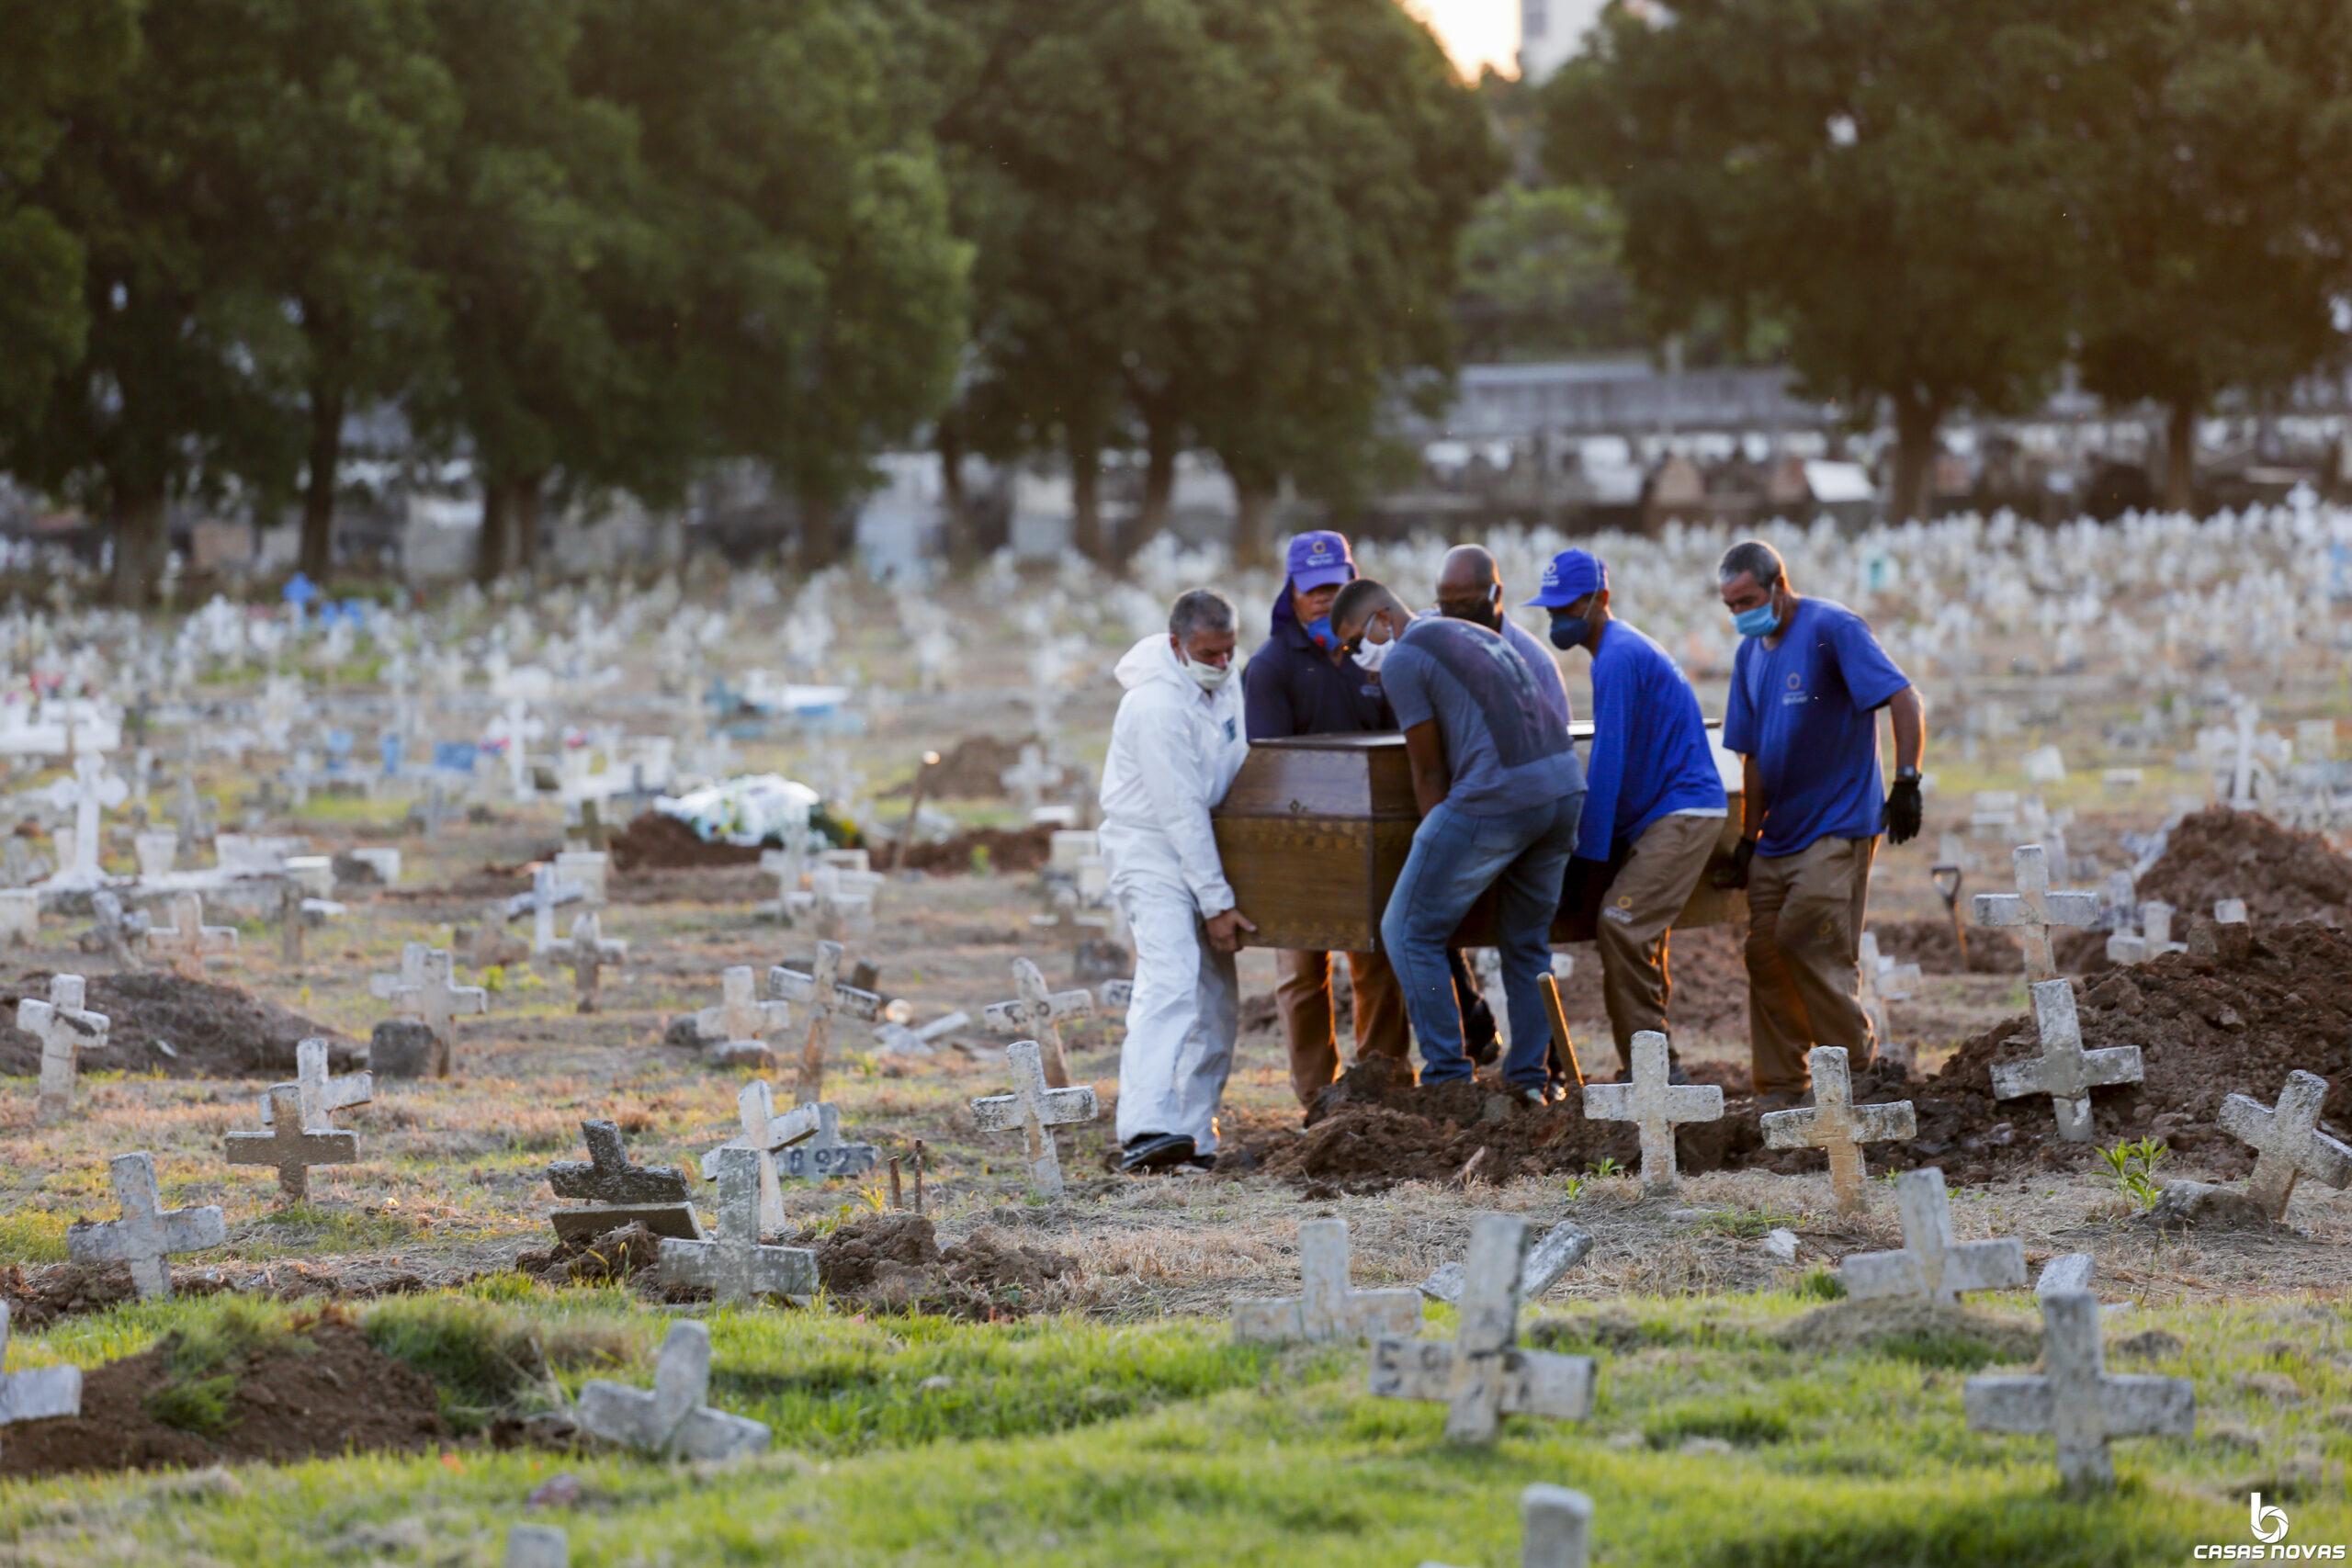 Saiba como conseguir gratuidade em enterros para famílias de baixa renda e 'sepultamento social'